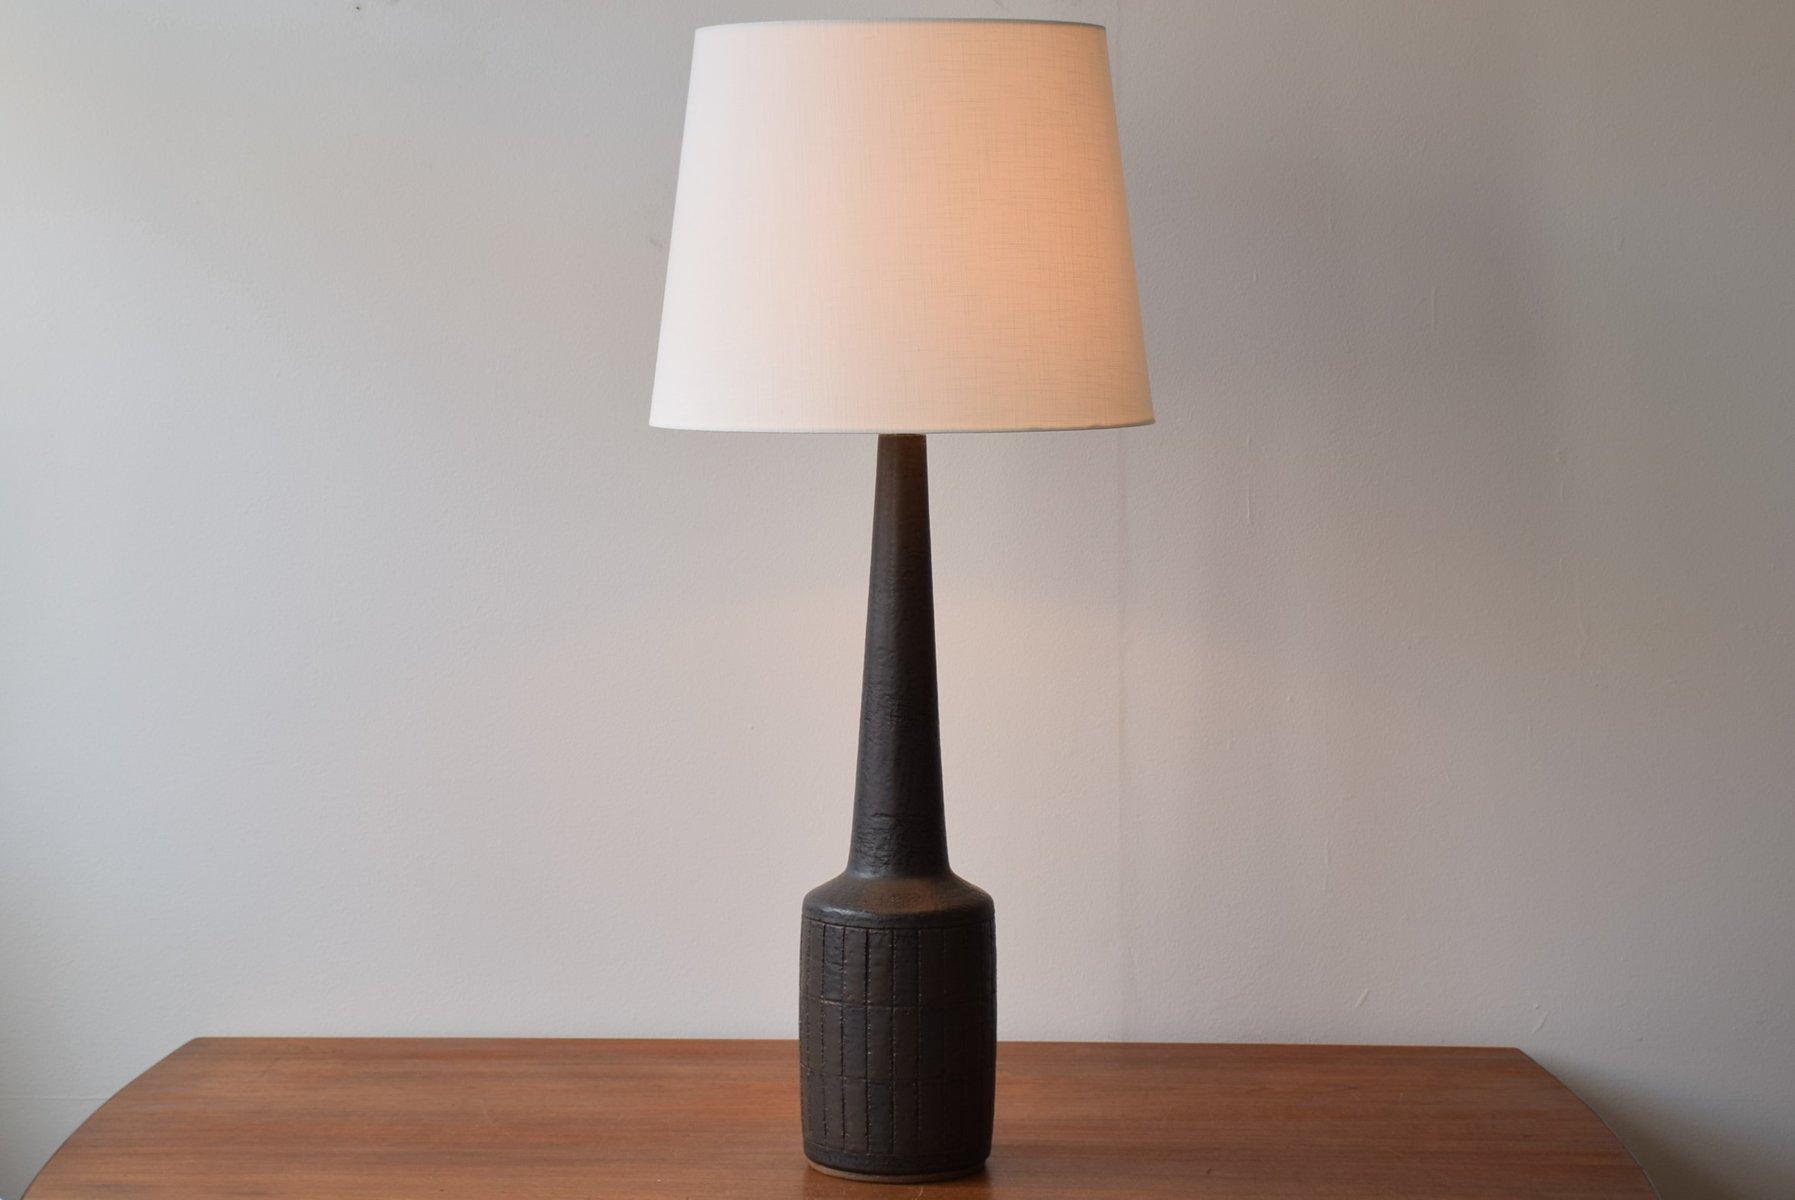 Tall Scandinavian Table Lamp by Per Linnemann-Schmidt for Palshus ...